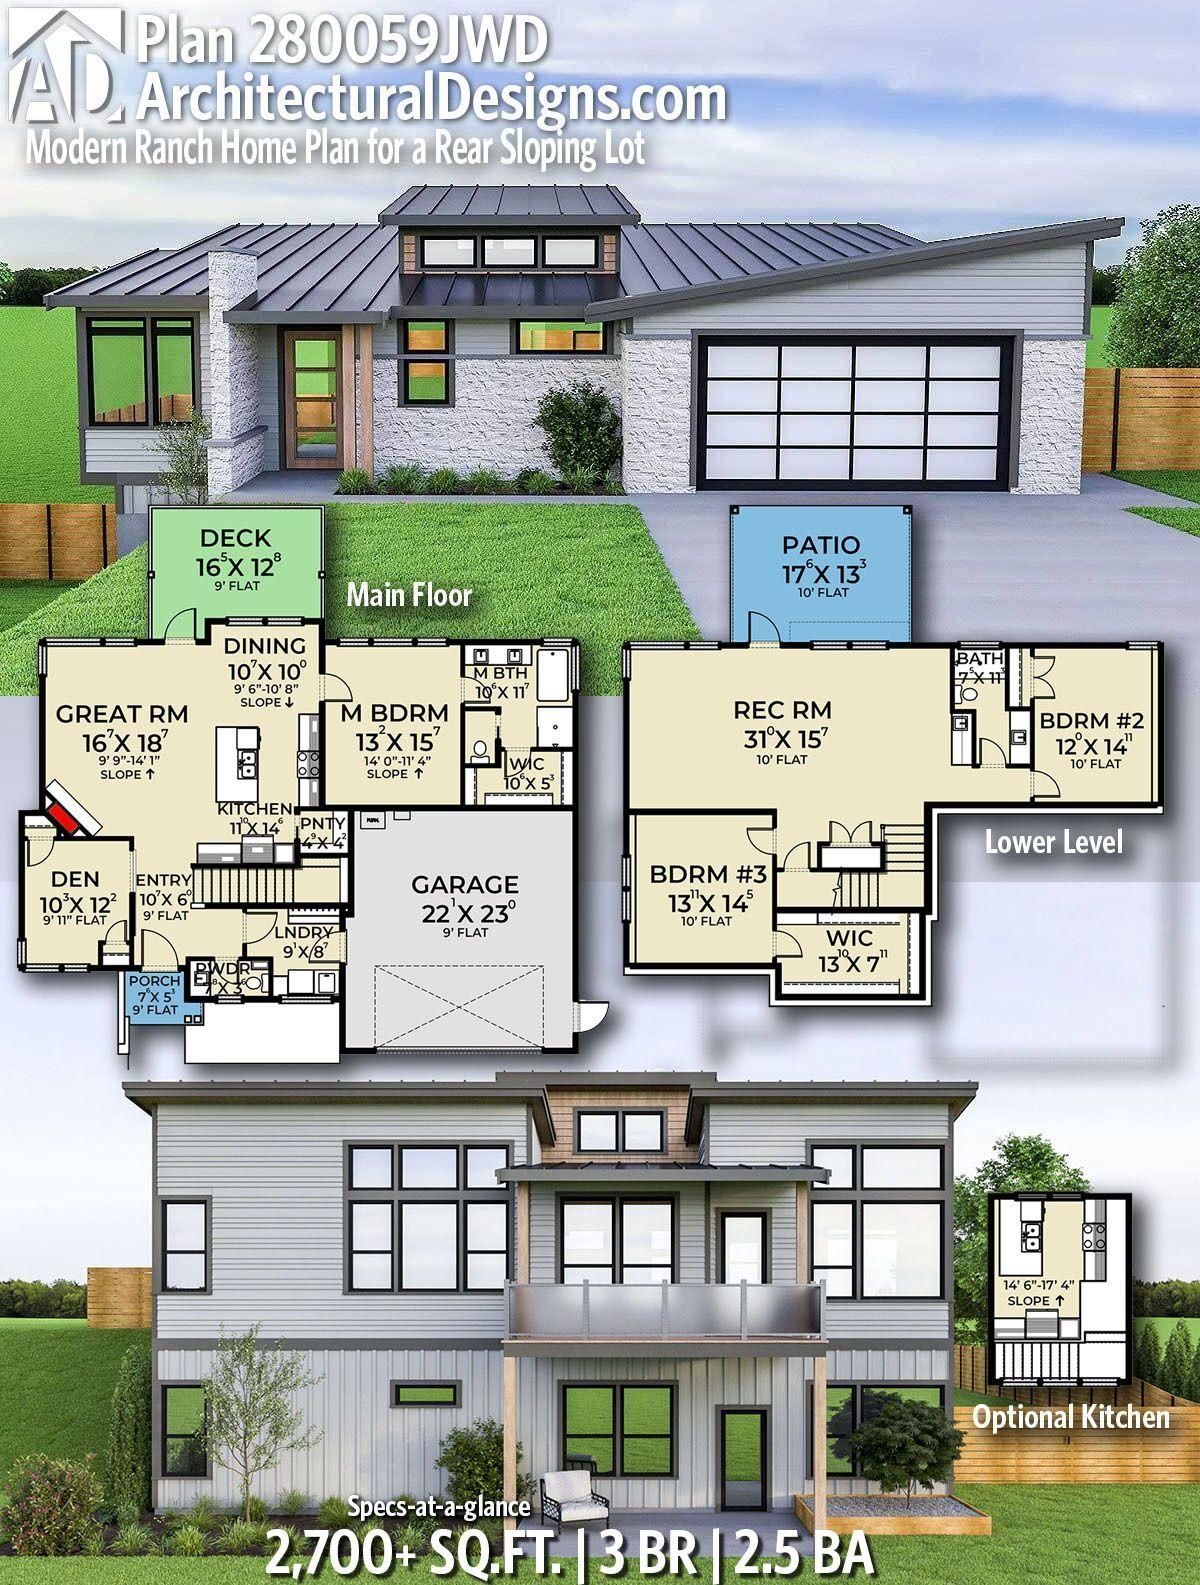 Plan 280059jwd Modern Ranch Home Plan For A Rear Sloping Lot Ranch House Plans House Plans Modern House Plan